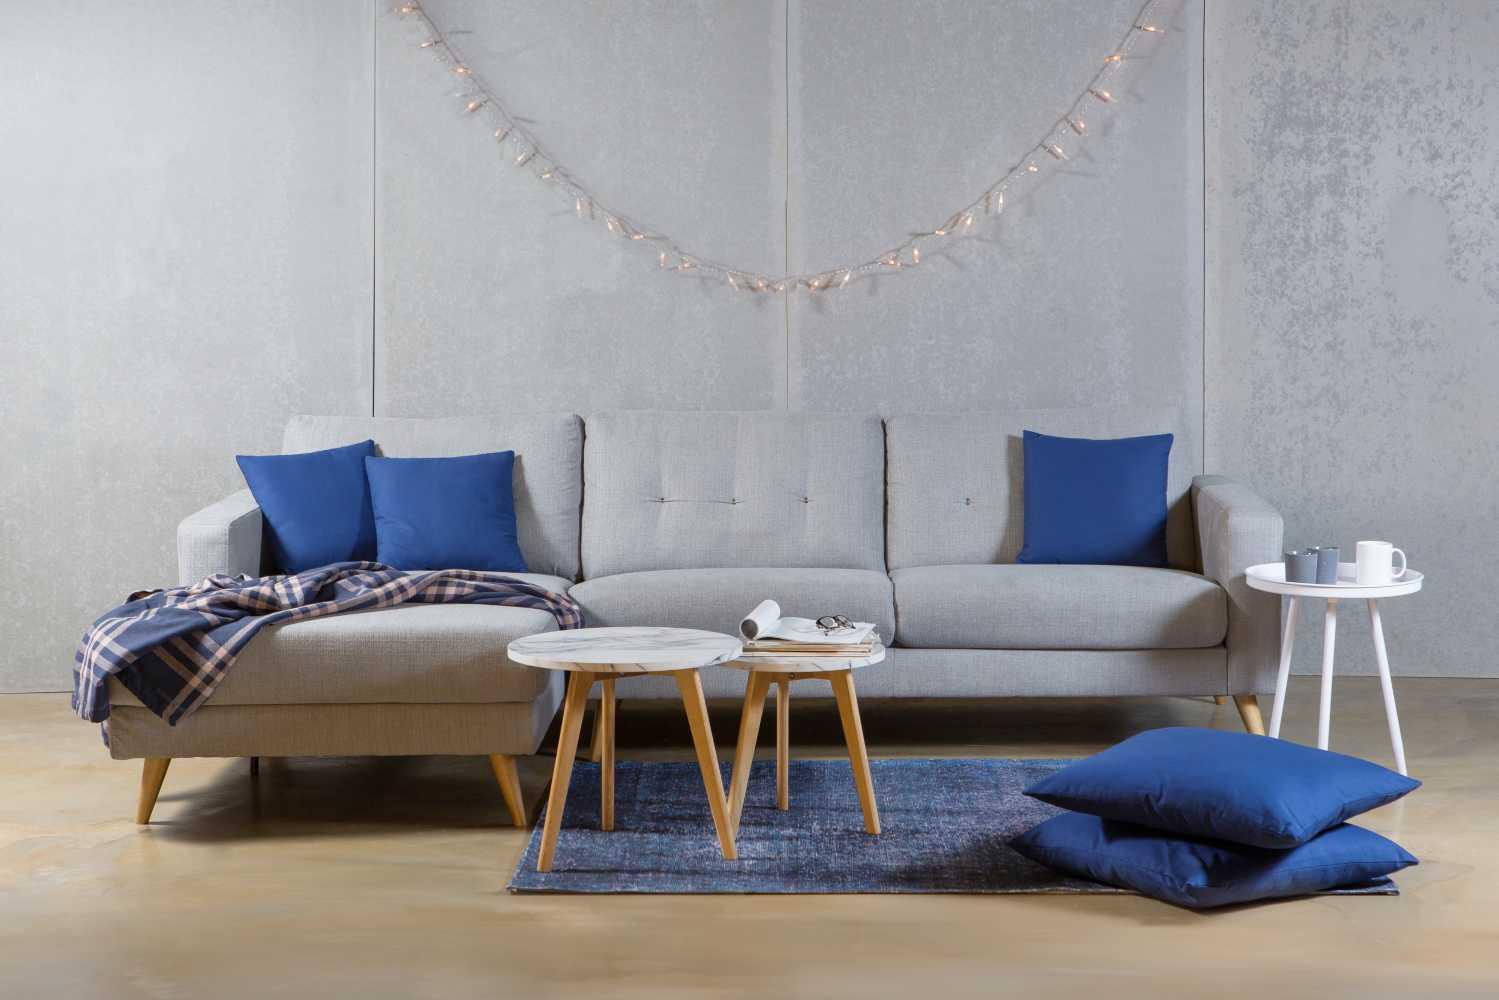 ספה פינתית בריפוד בד מדגם Bonitaבתמונה: שטיח 'דמבוי', שולחן סלון Jolie ושולחן סלון Tampa